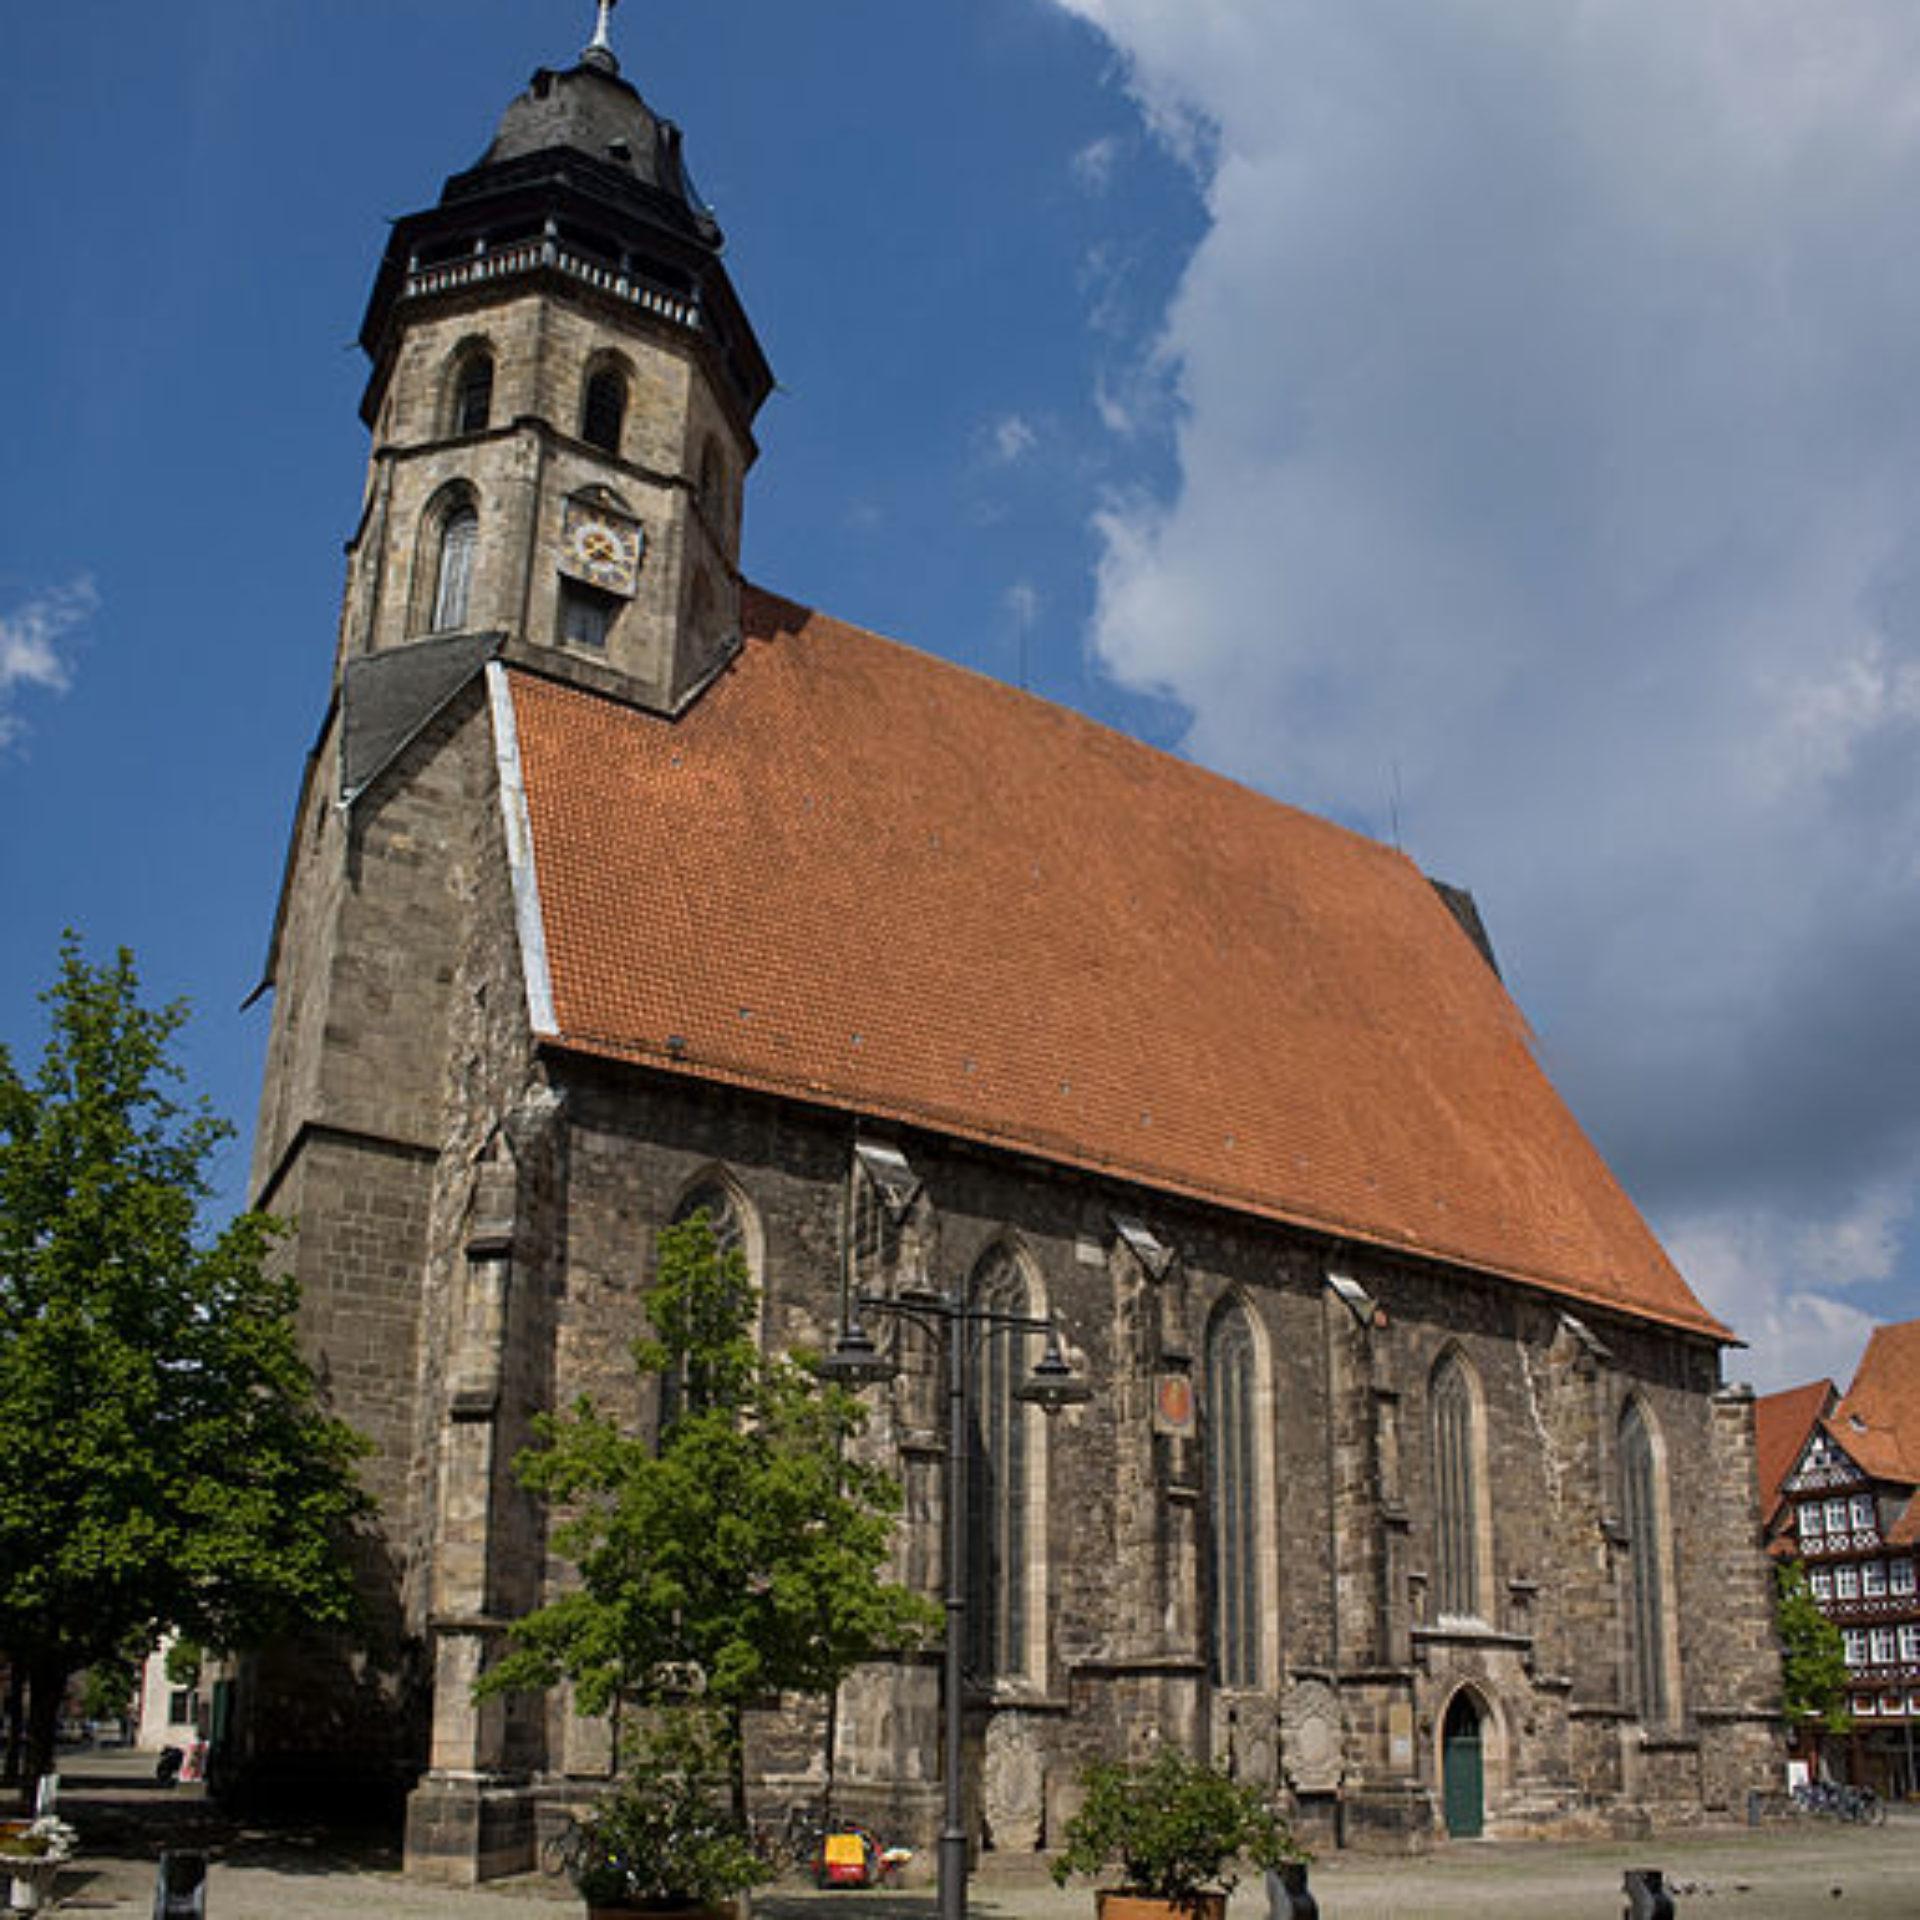 Blasiuskirche, Hann. Münden